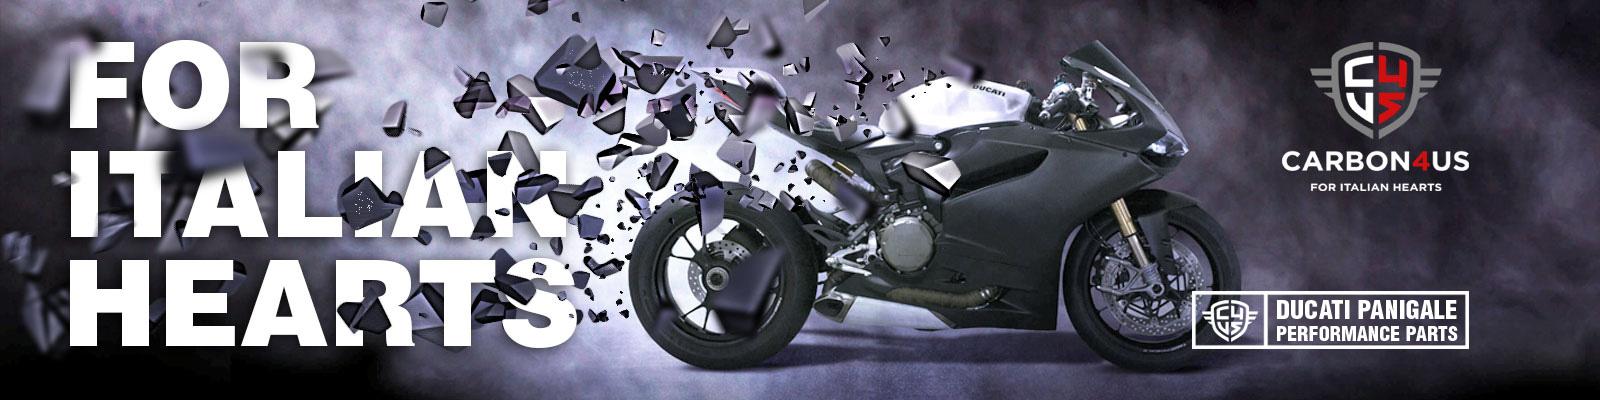 Accesorios para motos Ducati